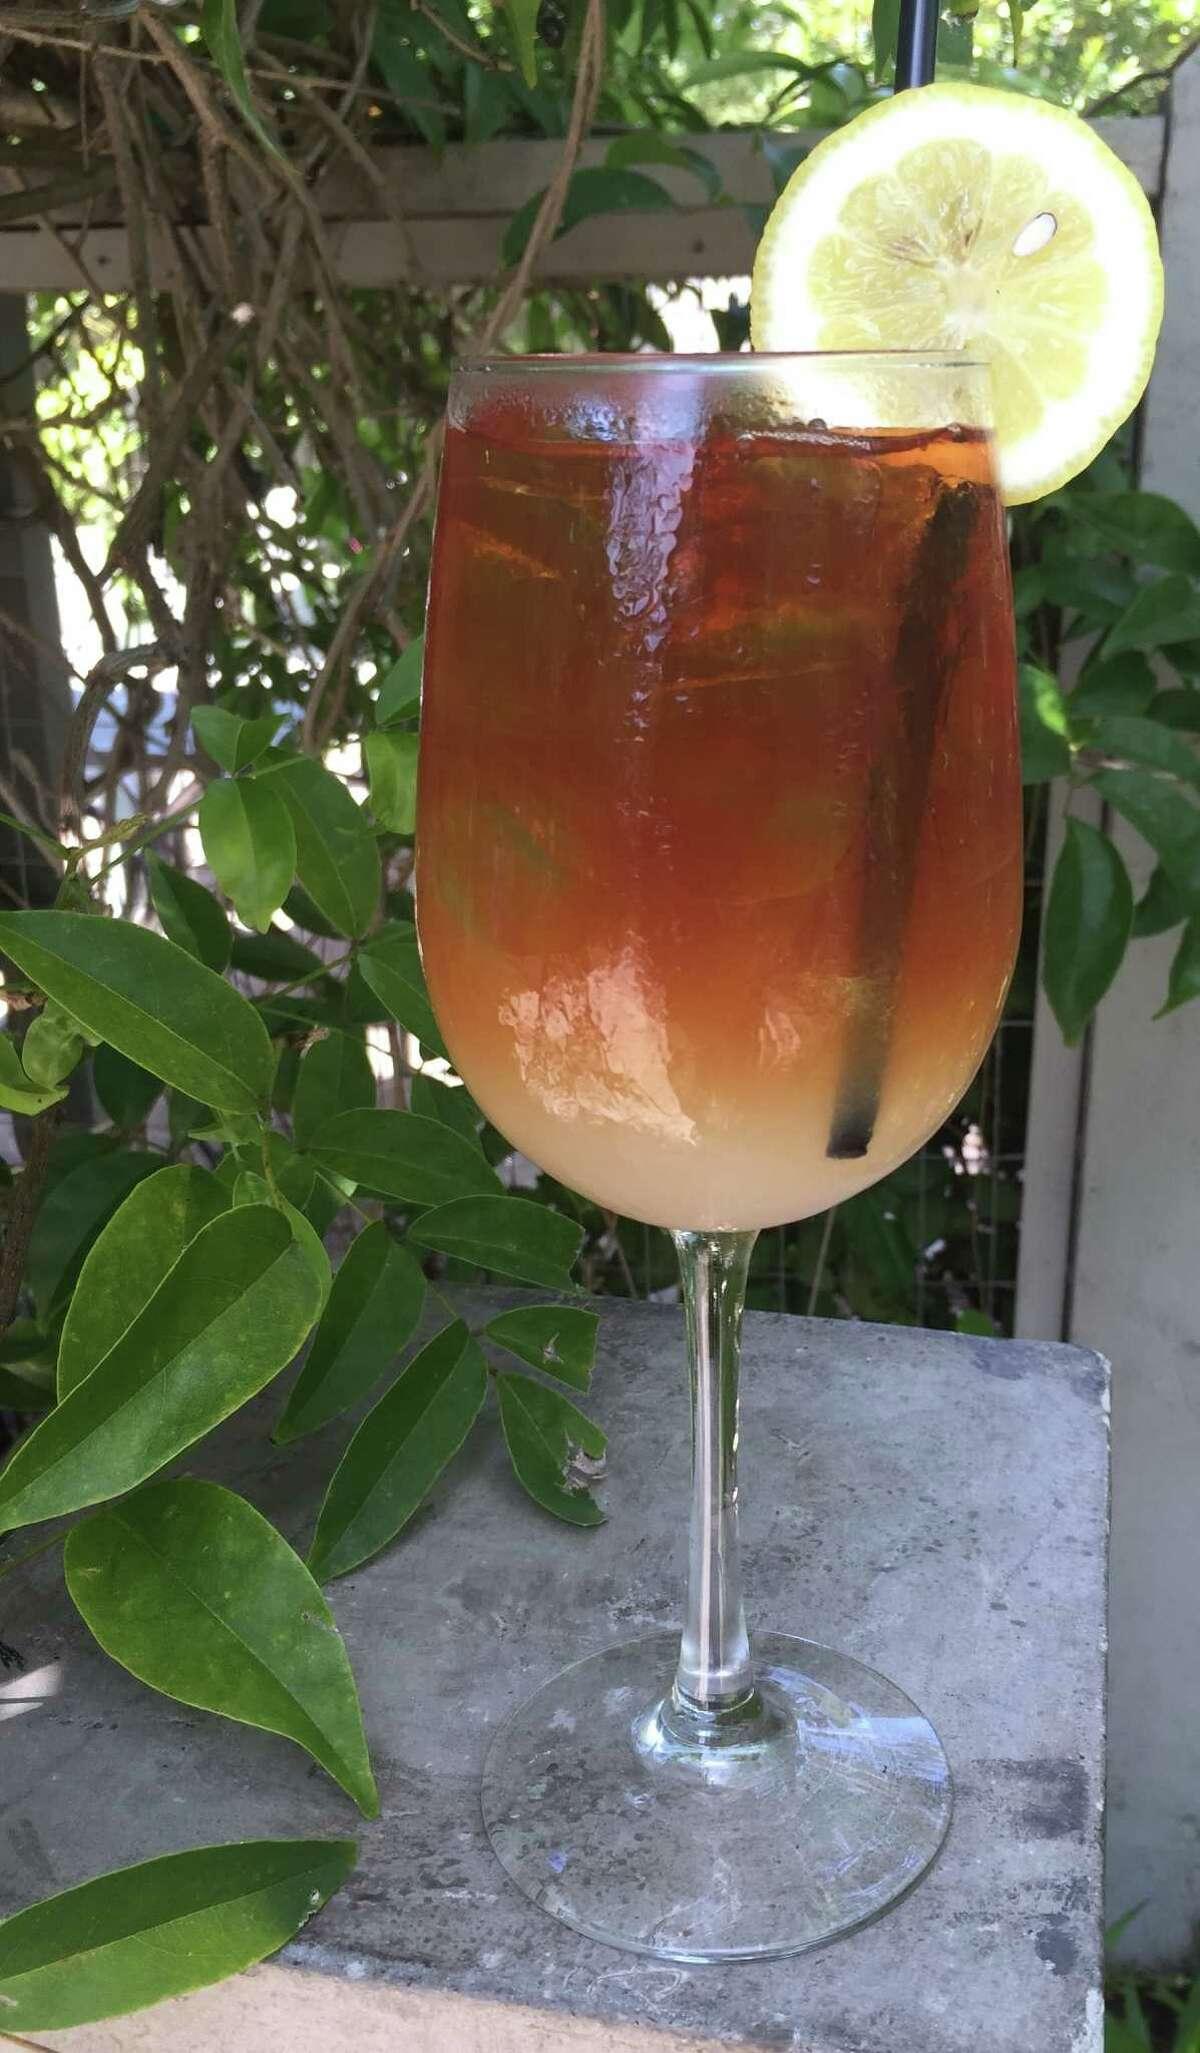 An Arnold Palmer (iced tea, lemonade and vodka)